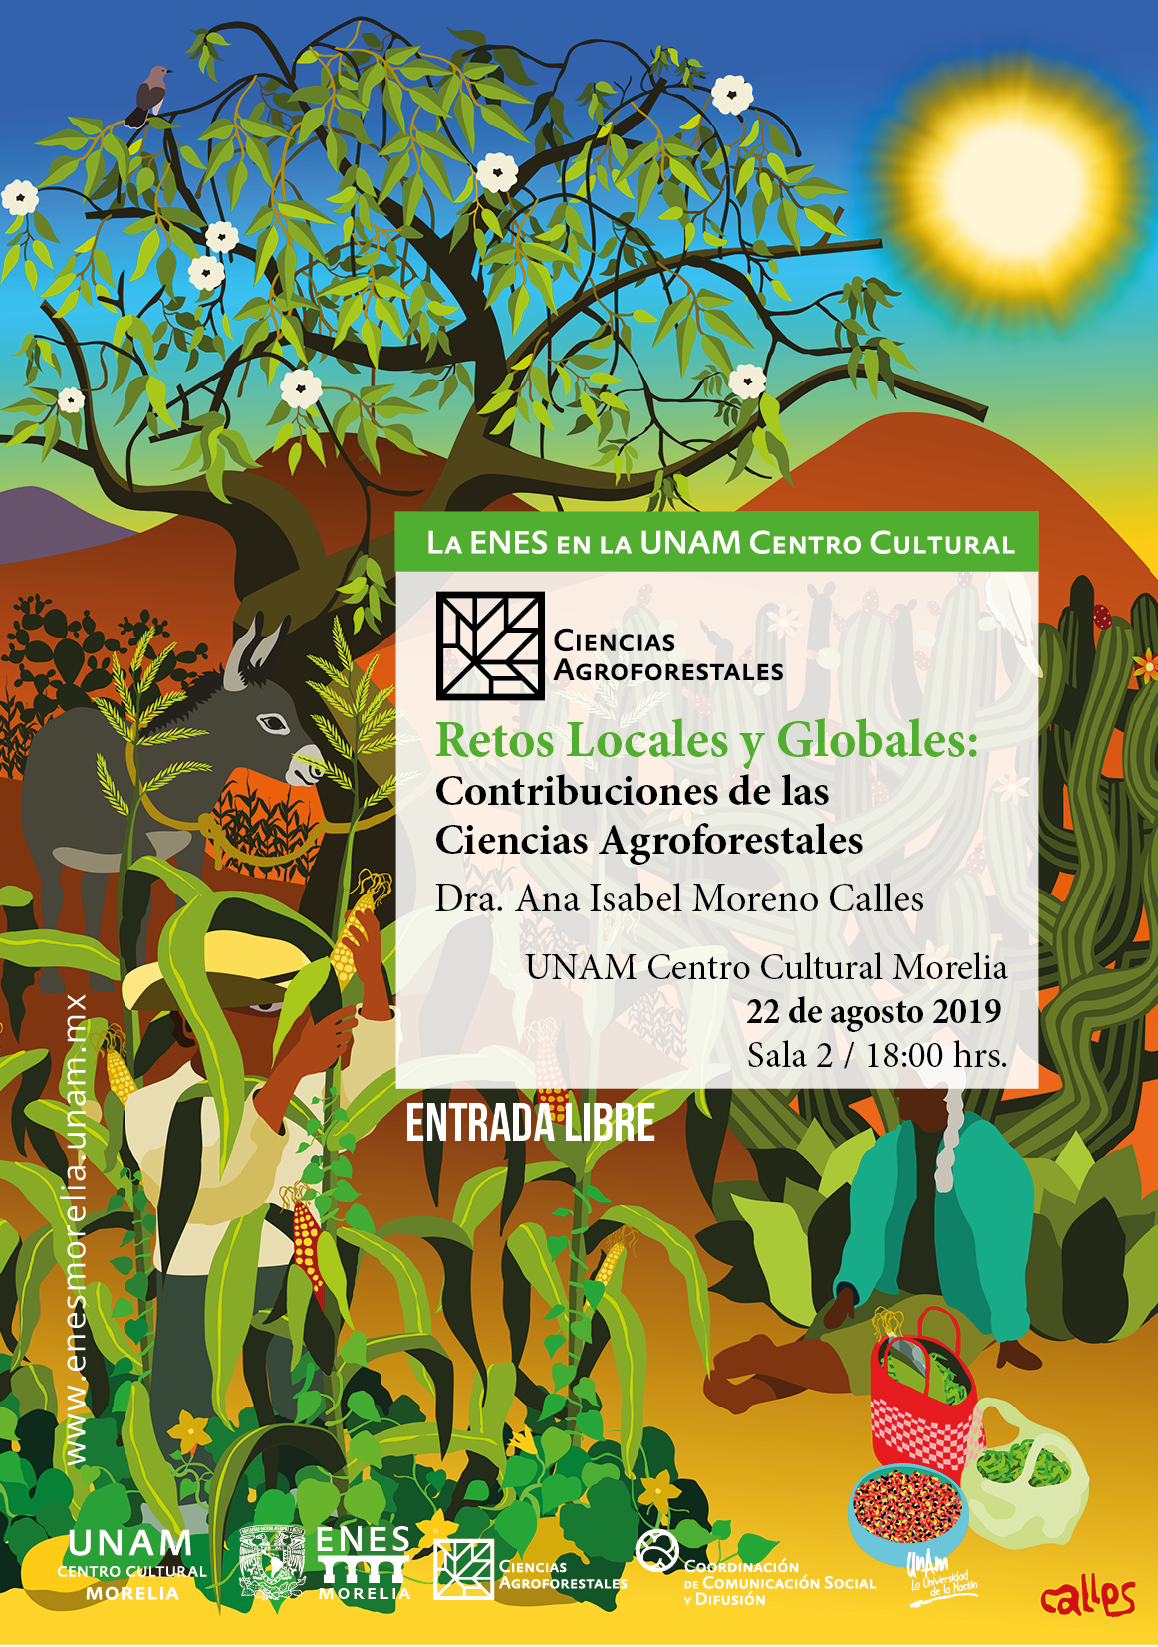 Agroforestales22-01